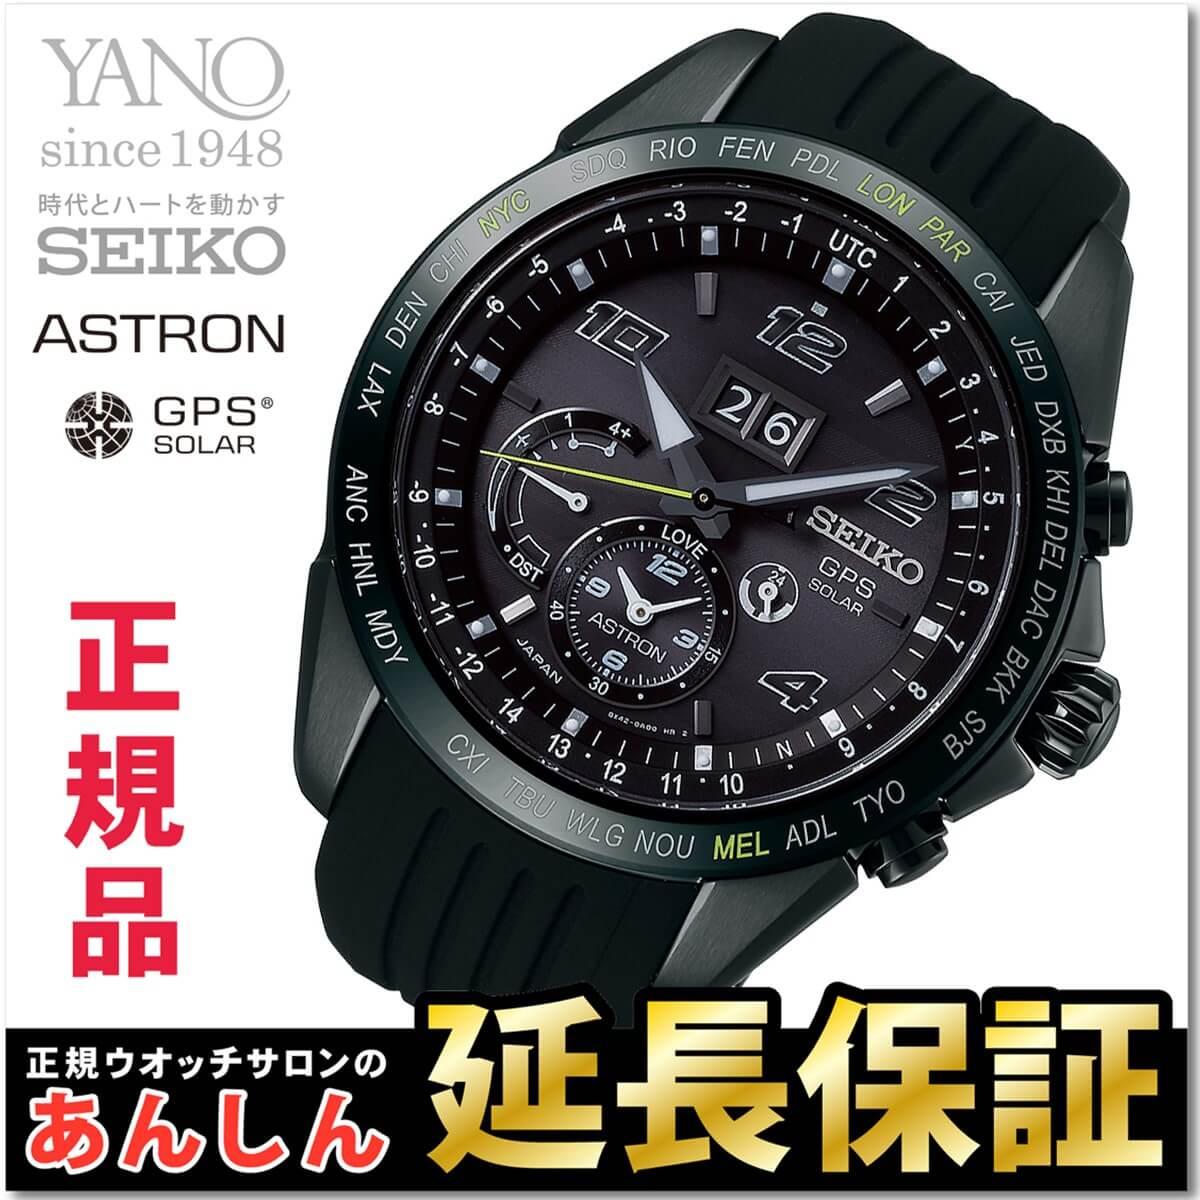 【クーポンでさらにお得!22日9時59分まで】SEIKO ASTRON セイコー アストロン SBXB143 ノバク・ジョコビッチ 2017 限定モデル GPSソーラーウォッチ メンズ 腕時計 【0917】_10spl